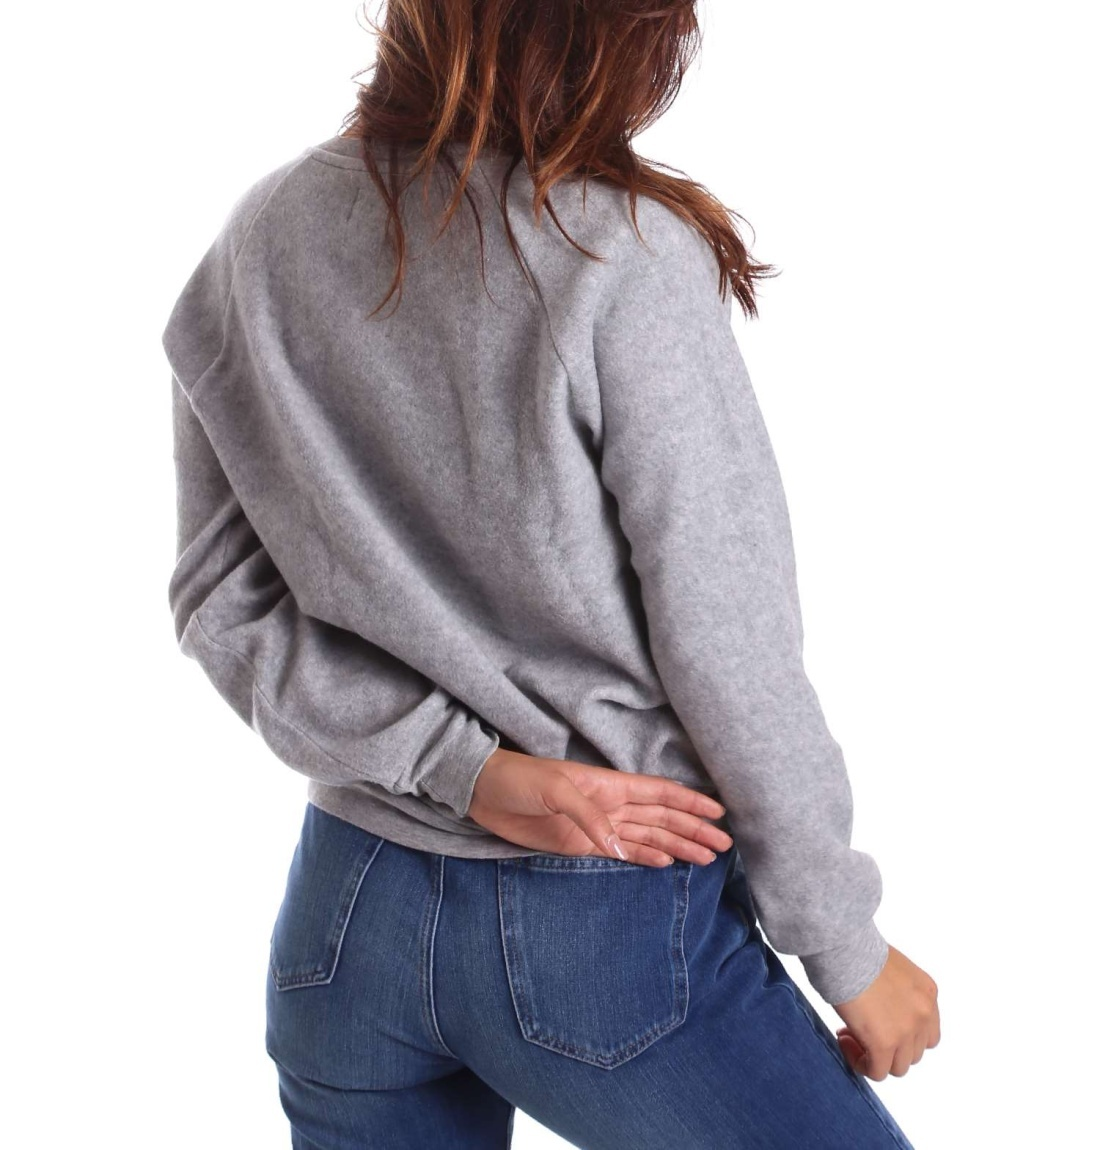 Pepe Jeans dámská šedá mikina Nana - Mode.cz b8657ccc7d2